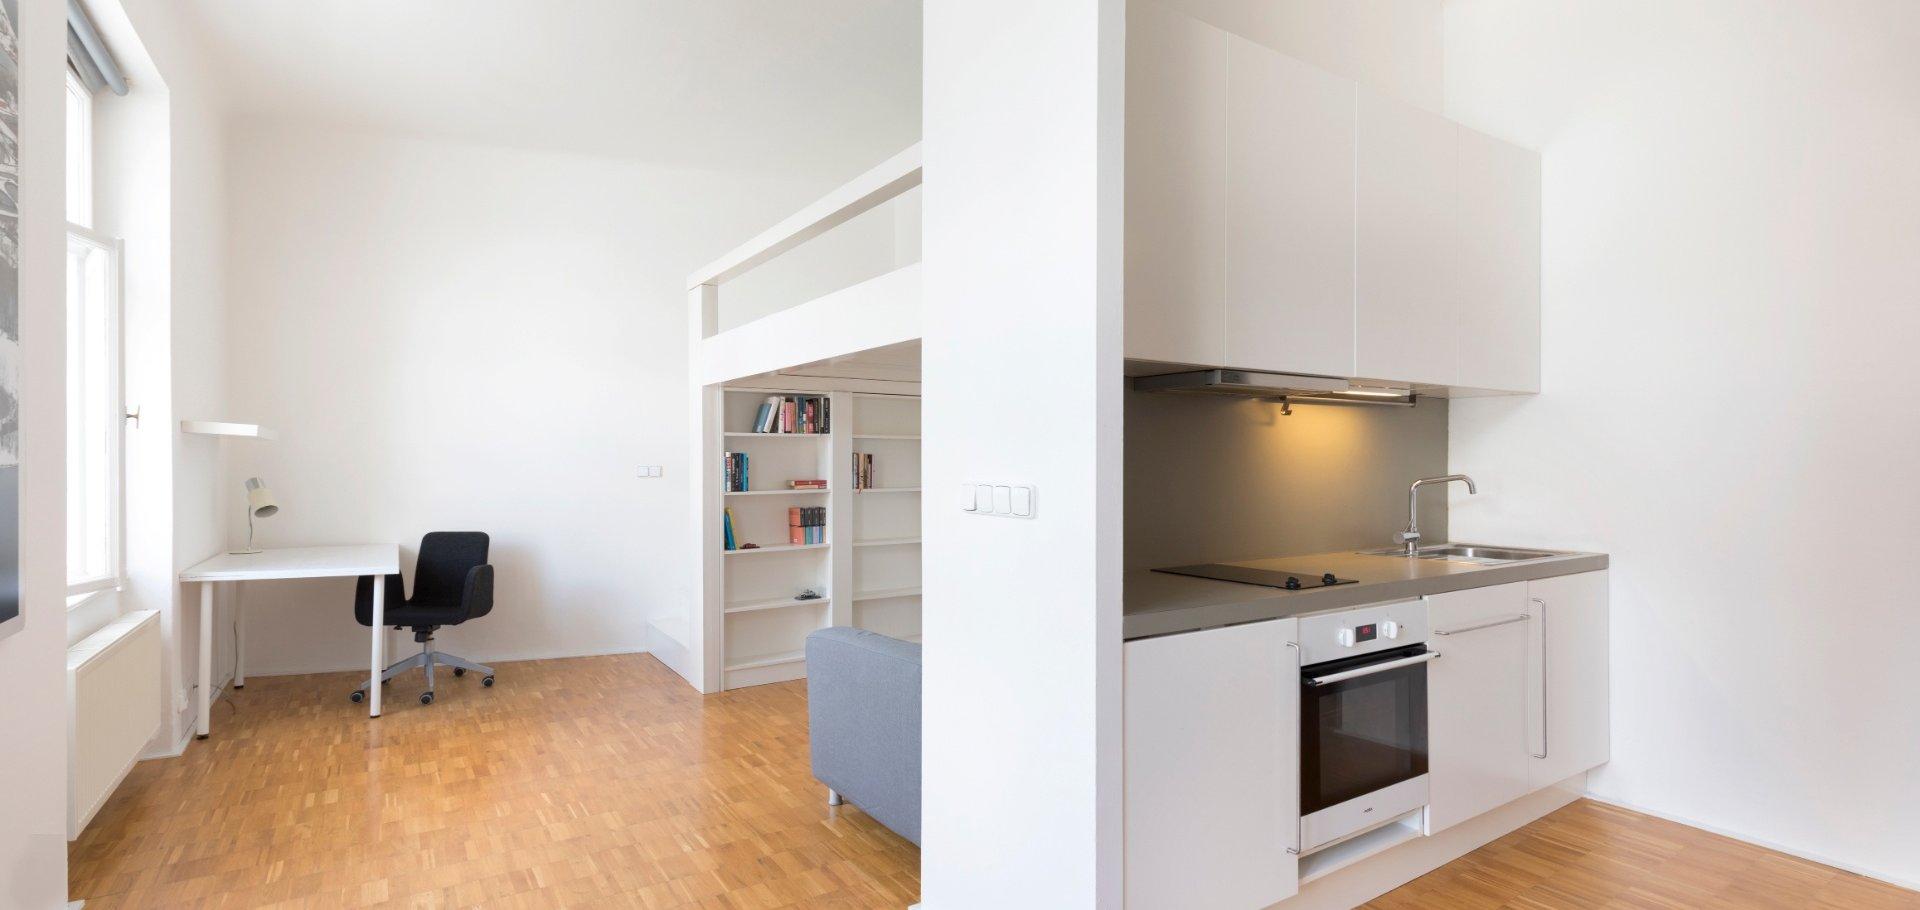 Útulný, klidný, kompletně vybavený byt 1+kk, 42 m², Praha 4 - Nusle